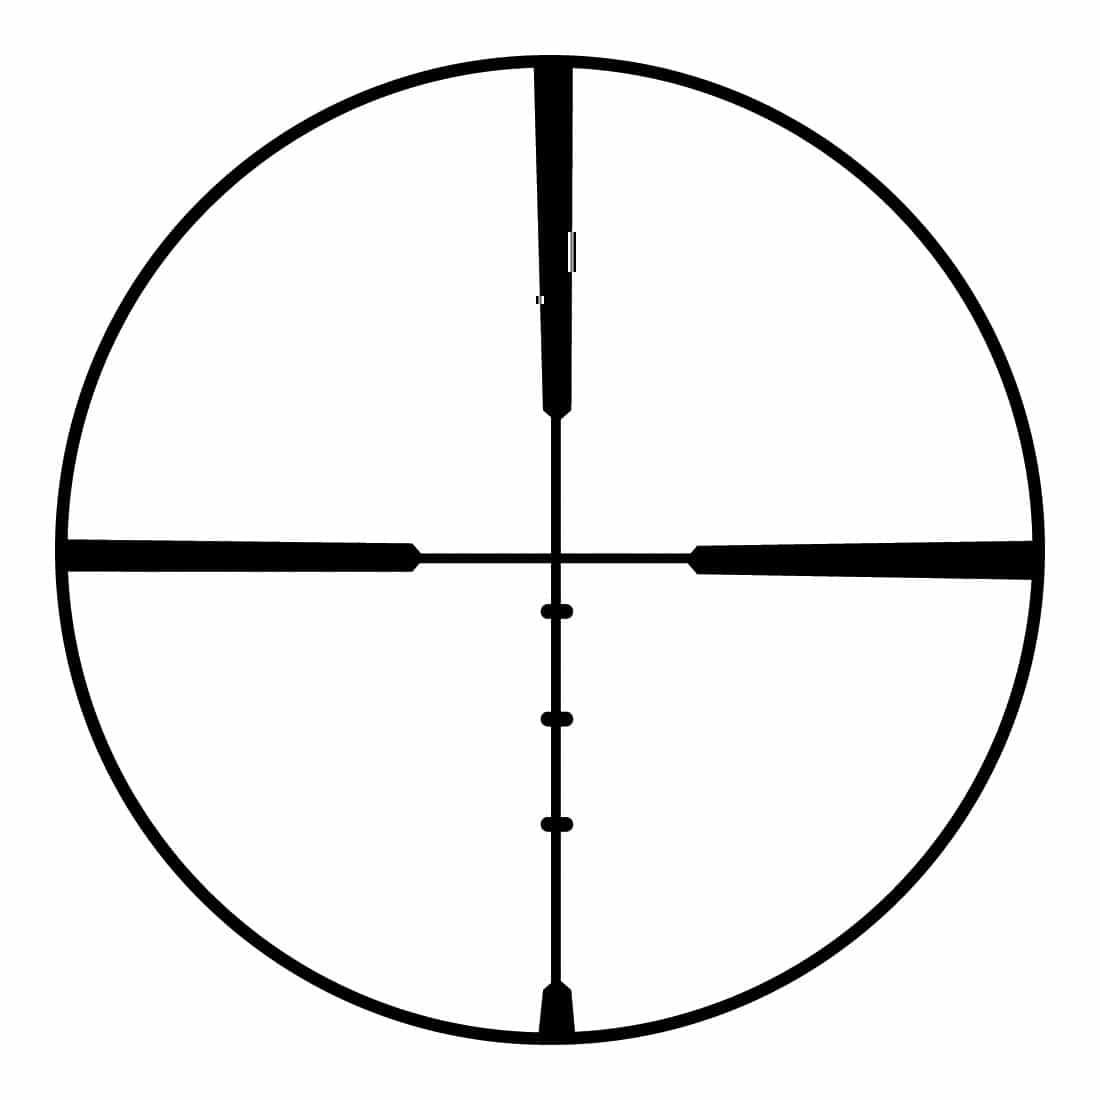 Ballistic Plex reticle in Bushnell scope